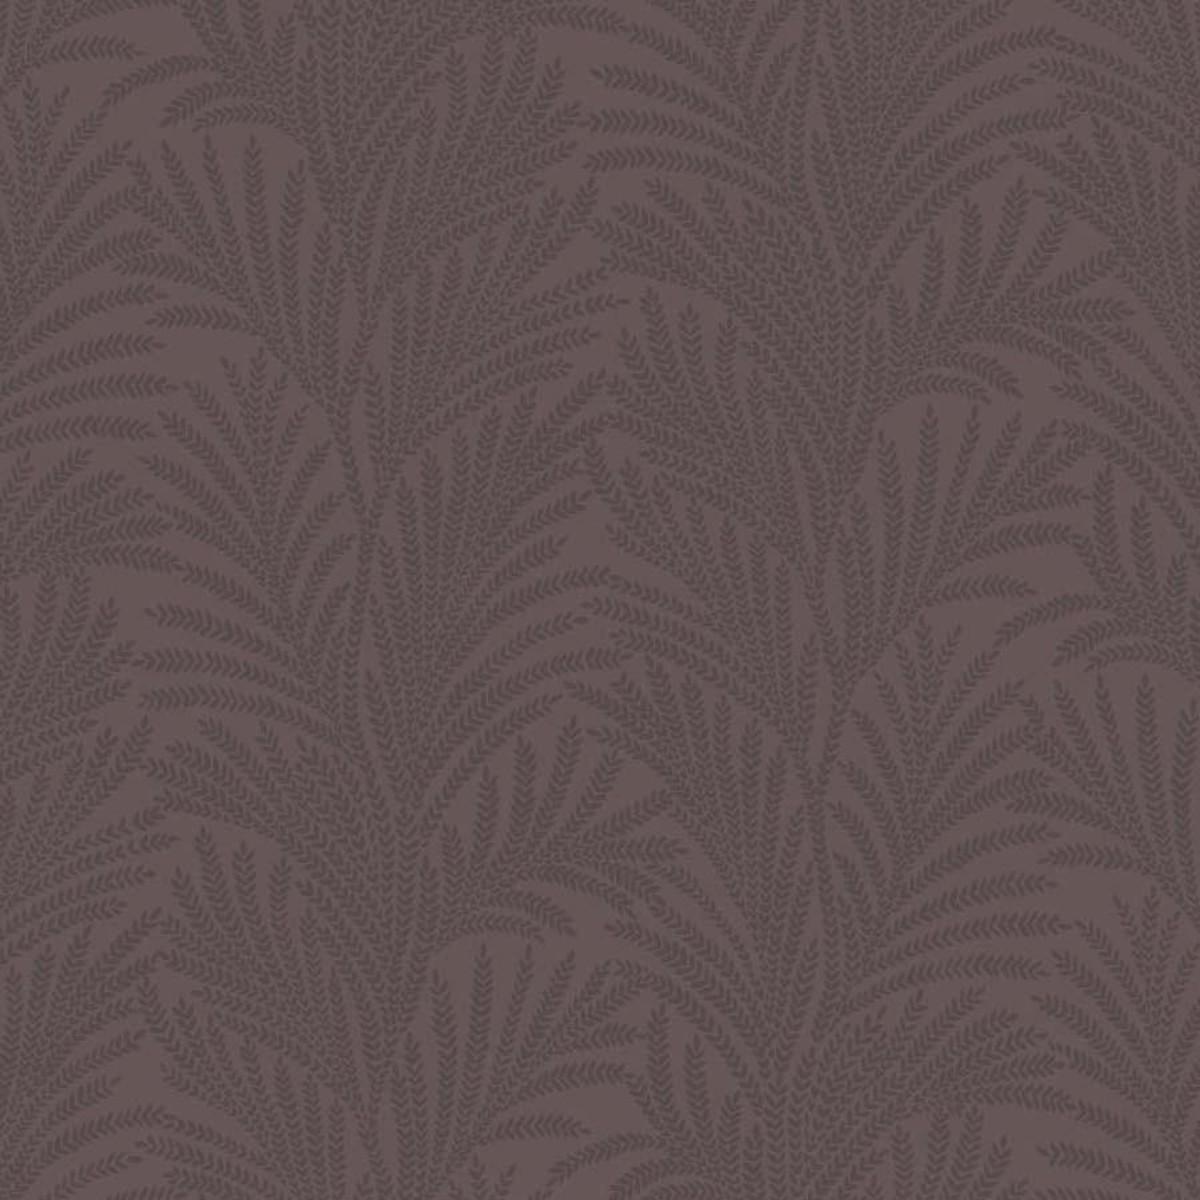 Обои флизелиновые Decoprint Emporia коричневые 0.53 м EM17073